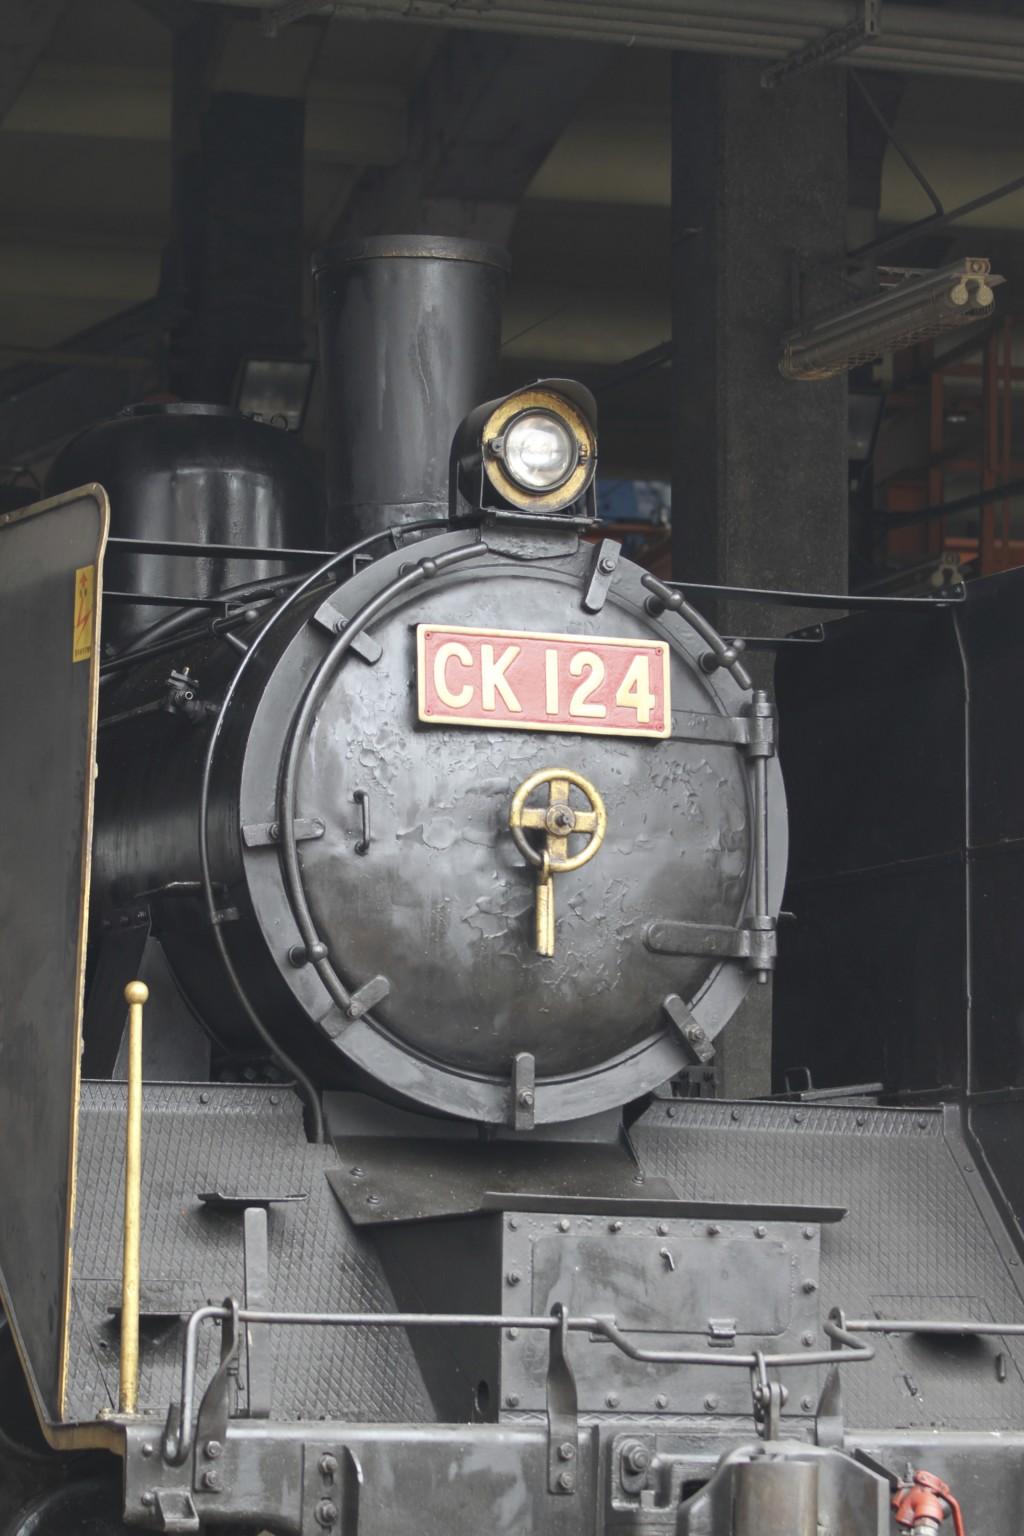 蒸気機関車(CK124)